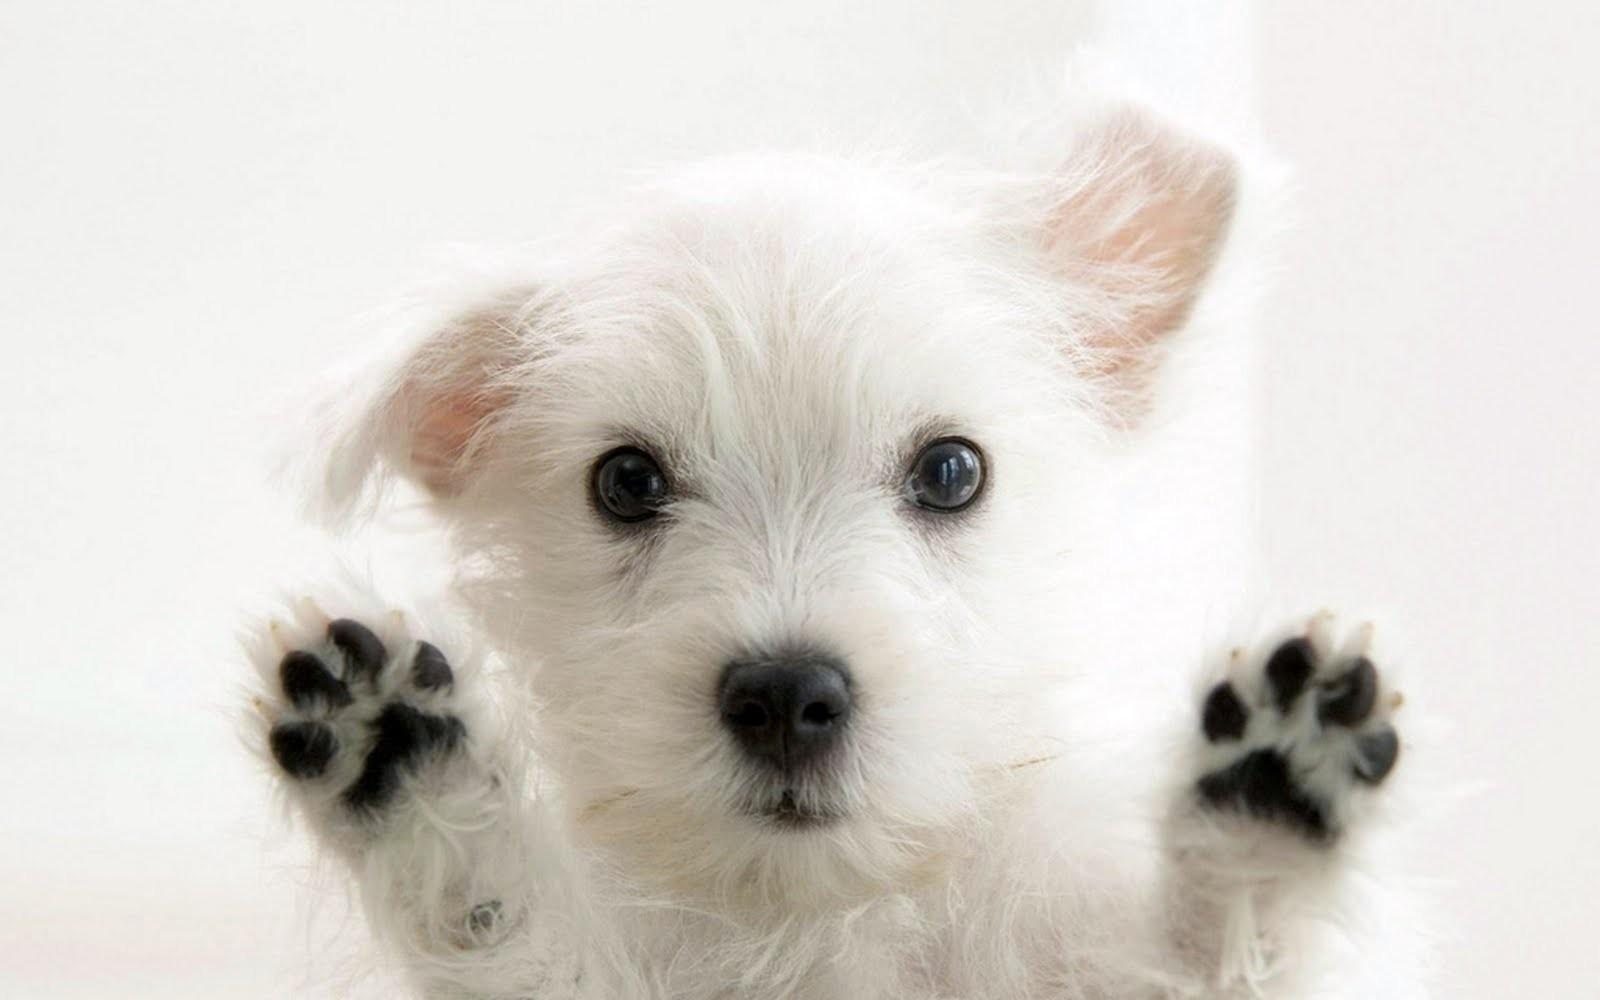 Un tierno perro bebe - 1600x1000